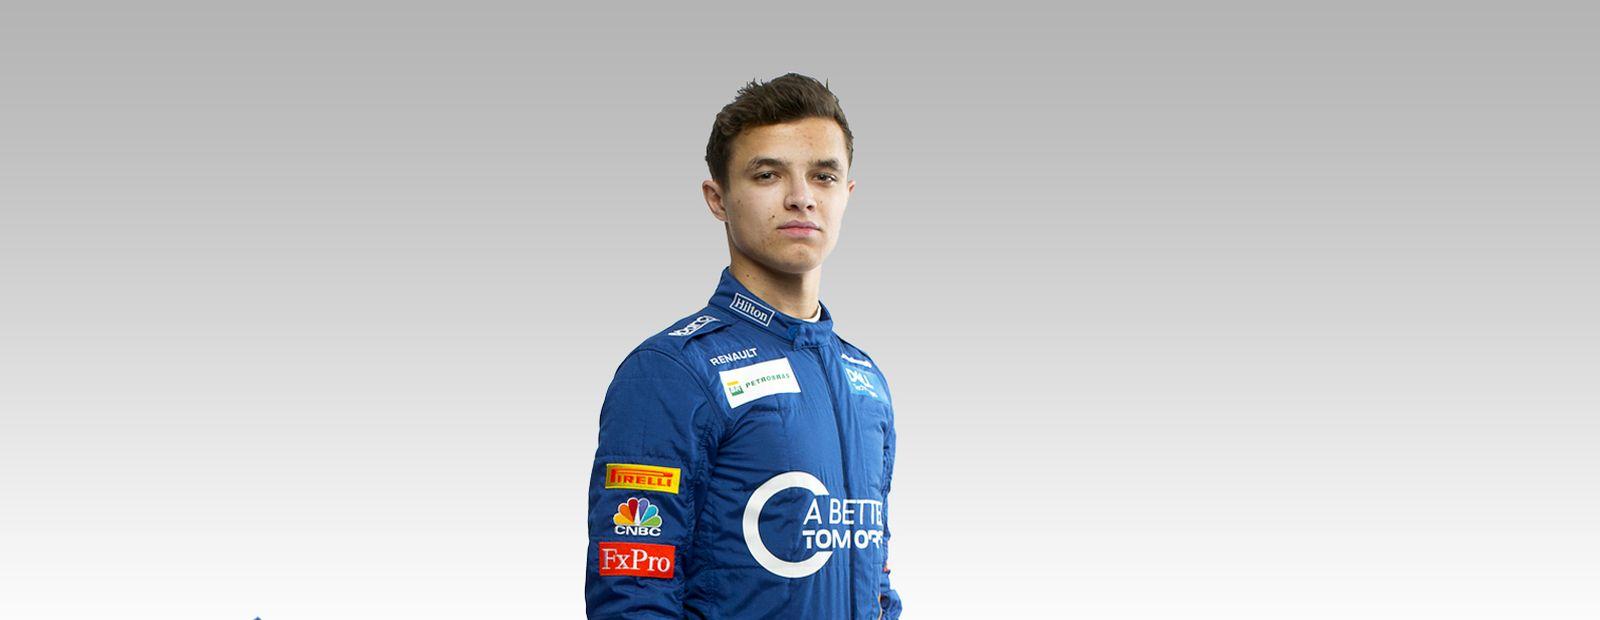 F1 2019 Lando Norris